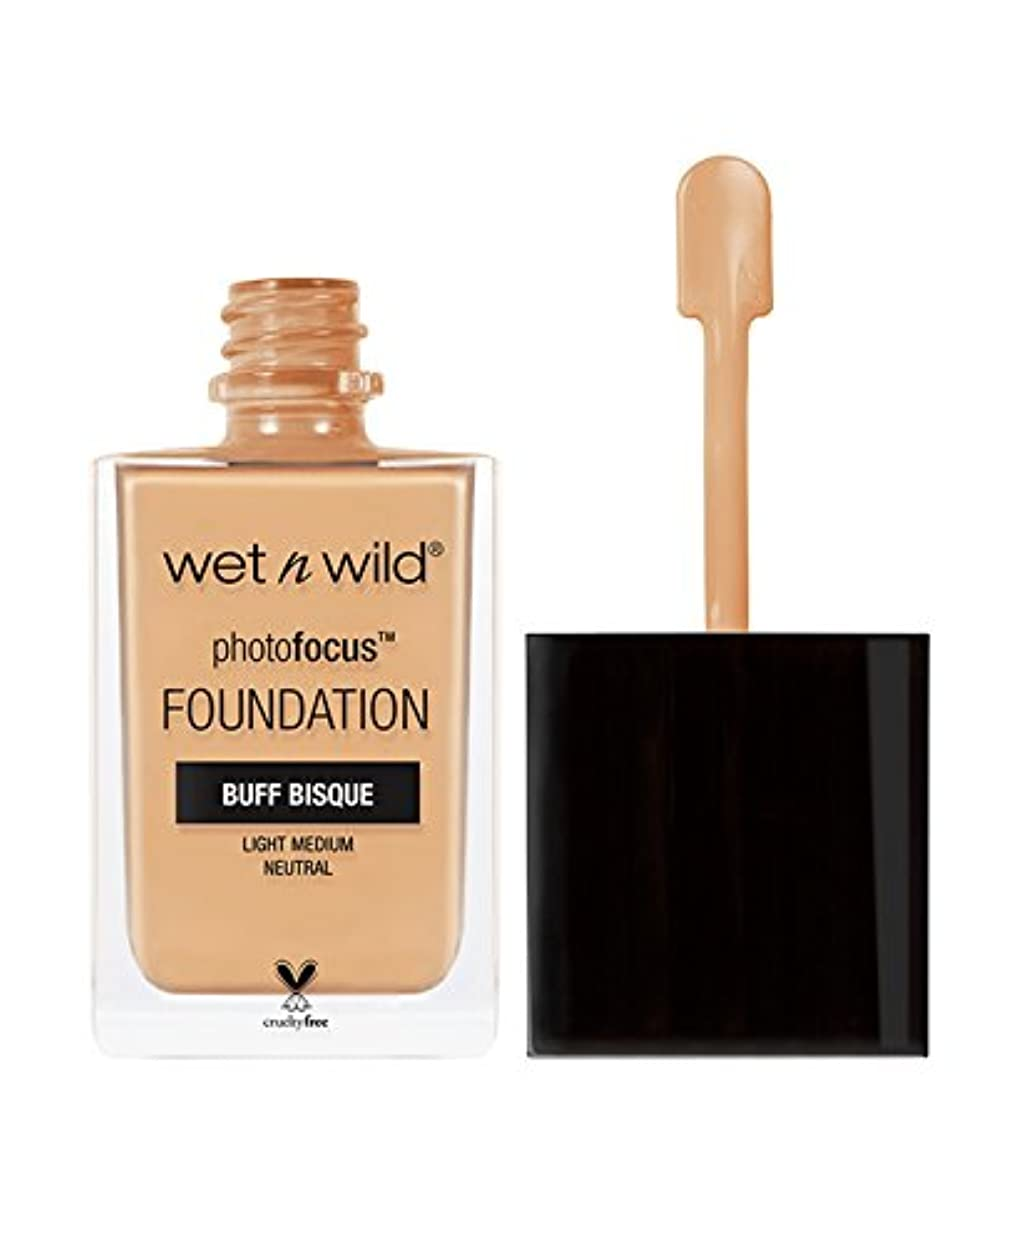 クレデンシャル明らか奇跡WET N WILD Photo Focus Foundation - Buff Bisque (並行輸入品)